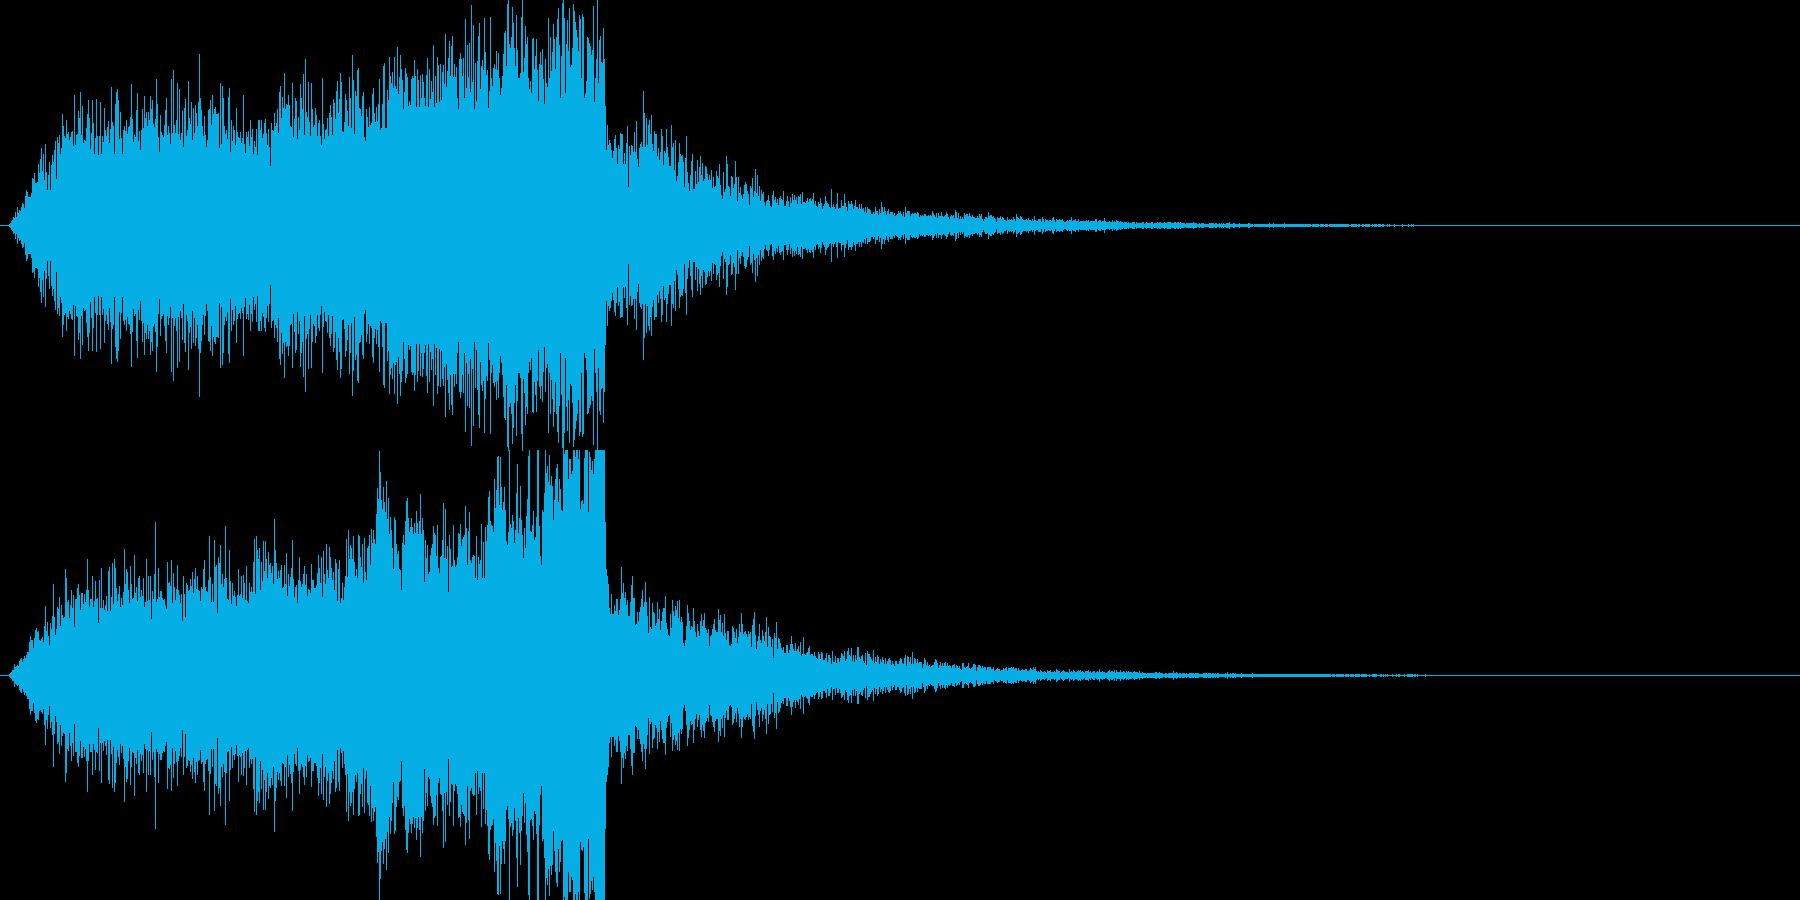 映画やゲームなどのサスペンス効果音の再生済みの波形